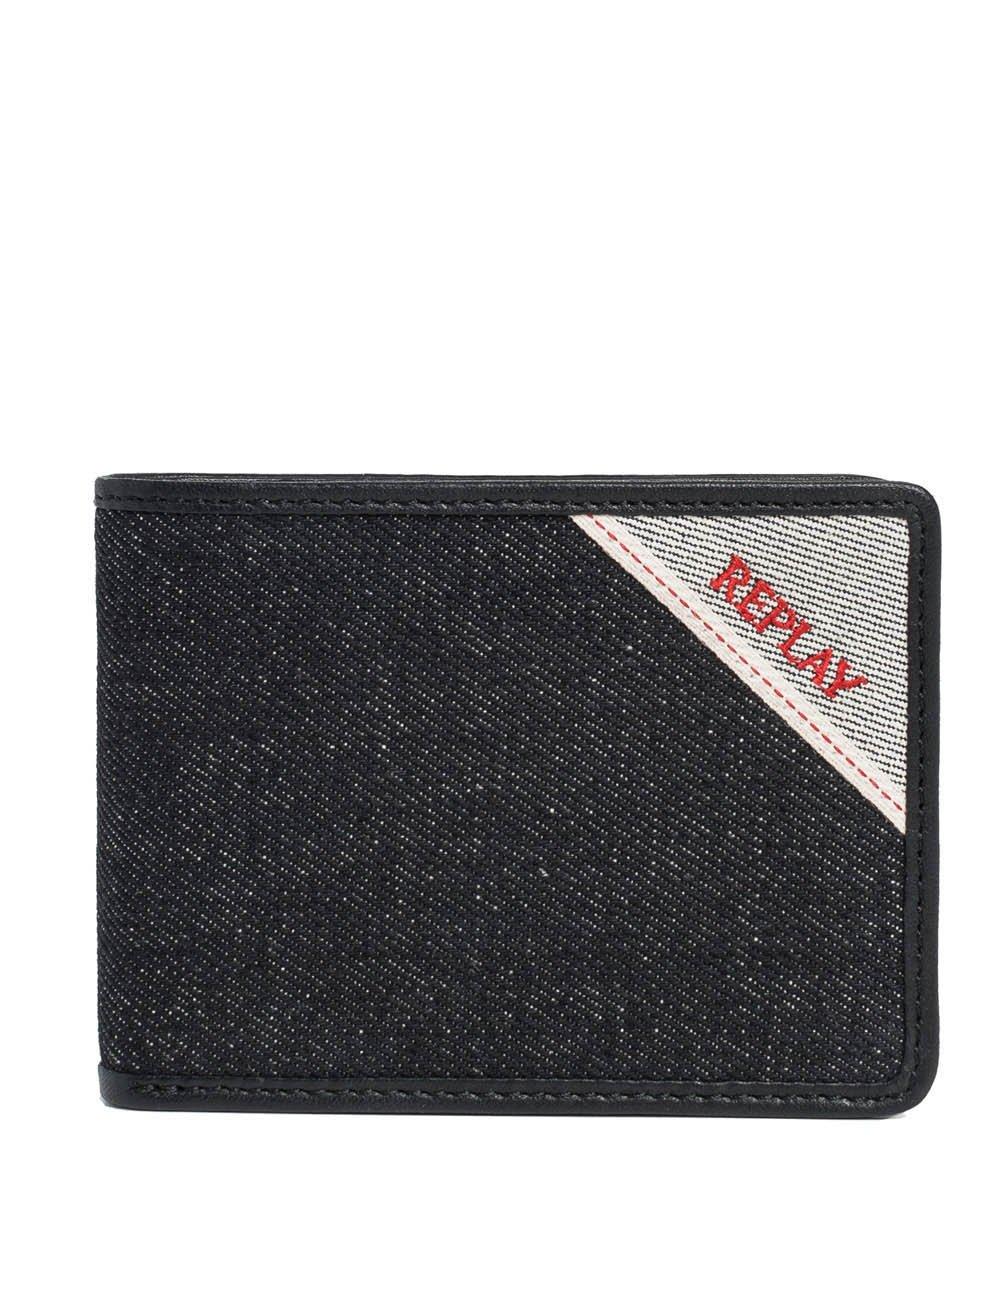 Replay Men's Men's Black Denim Wallet Black